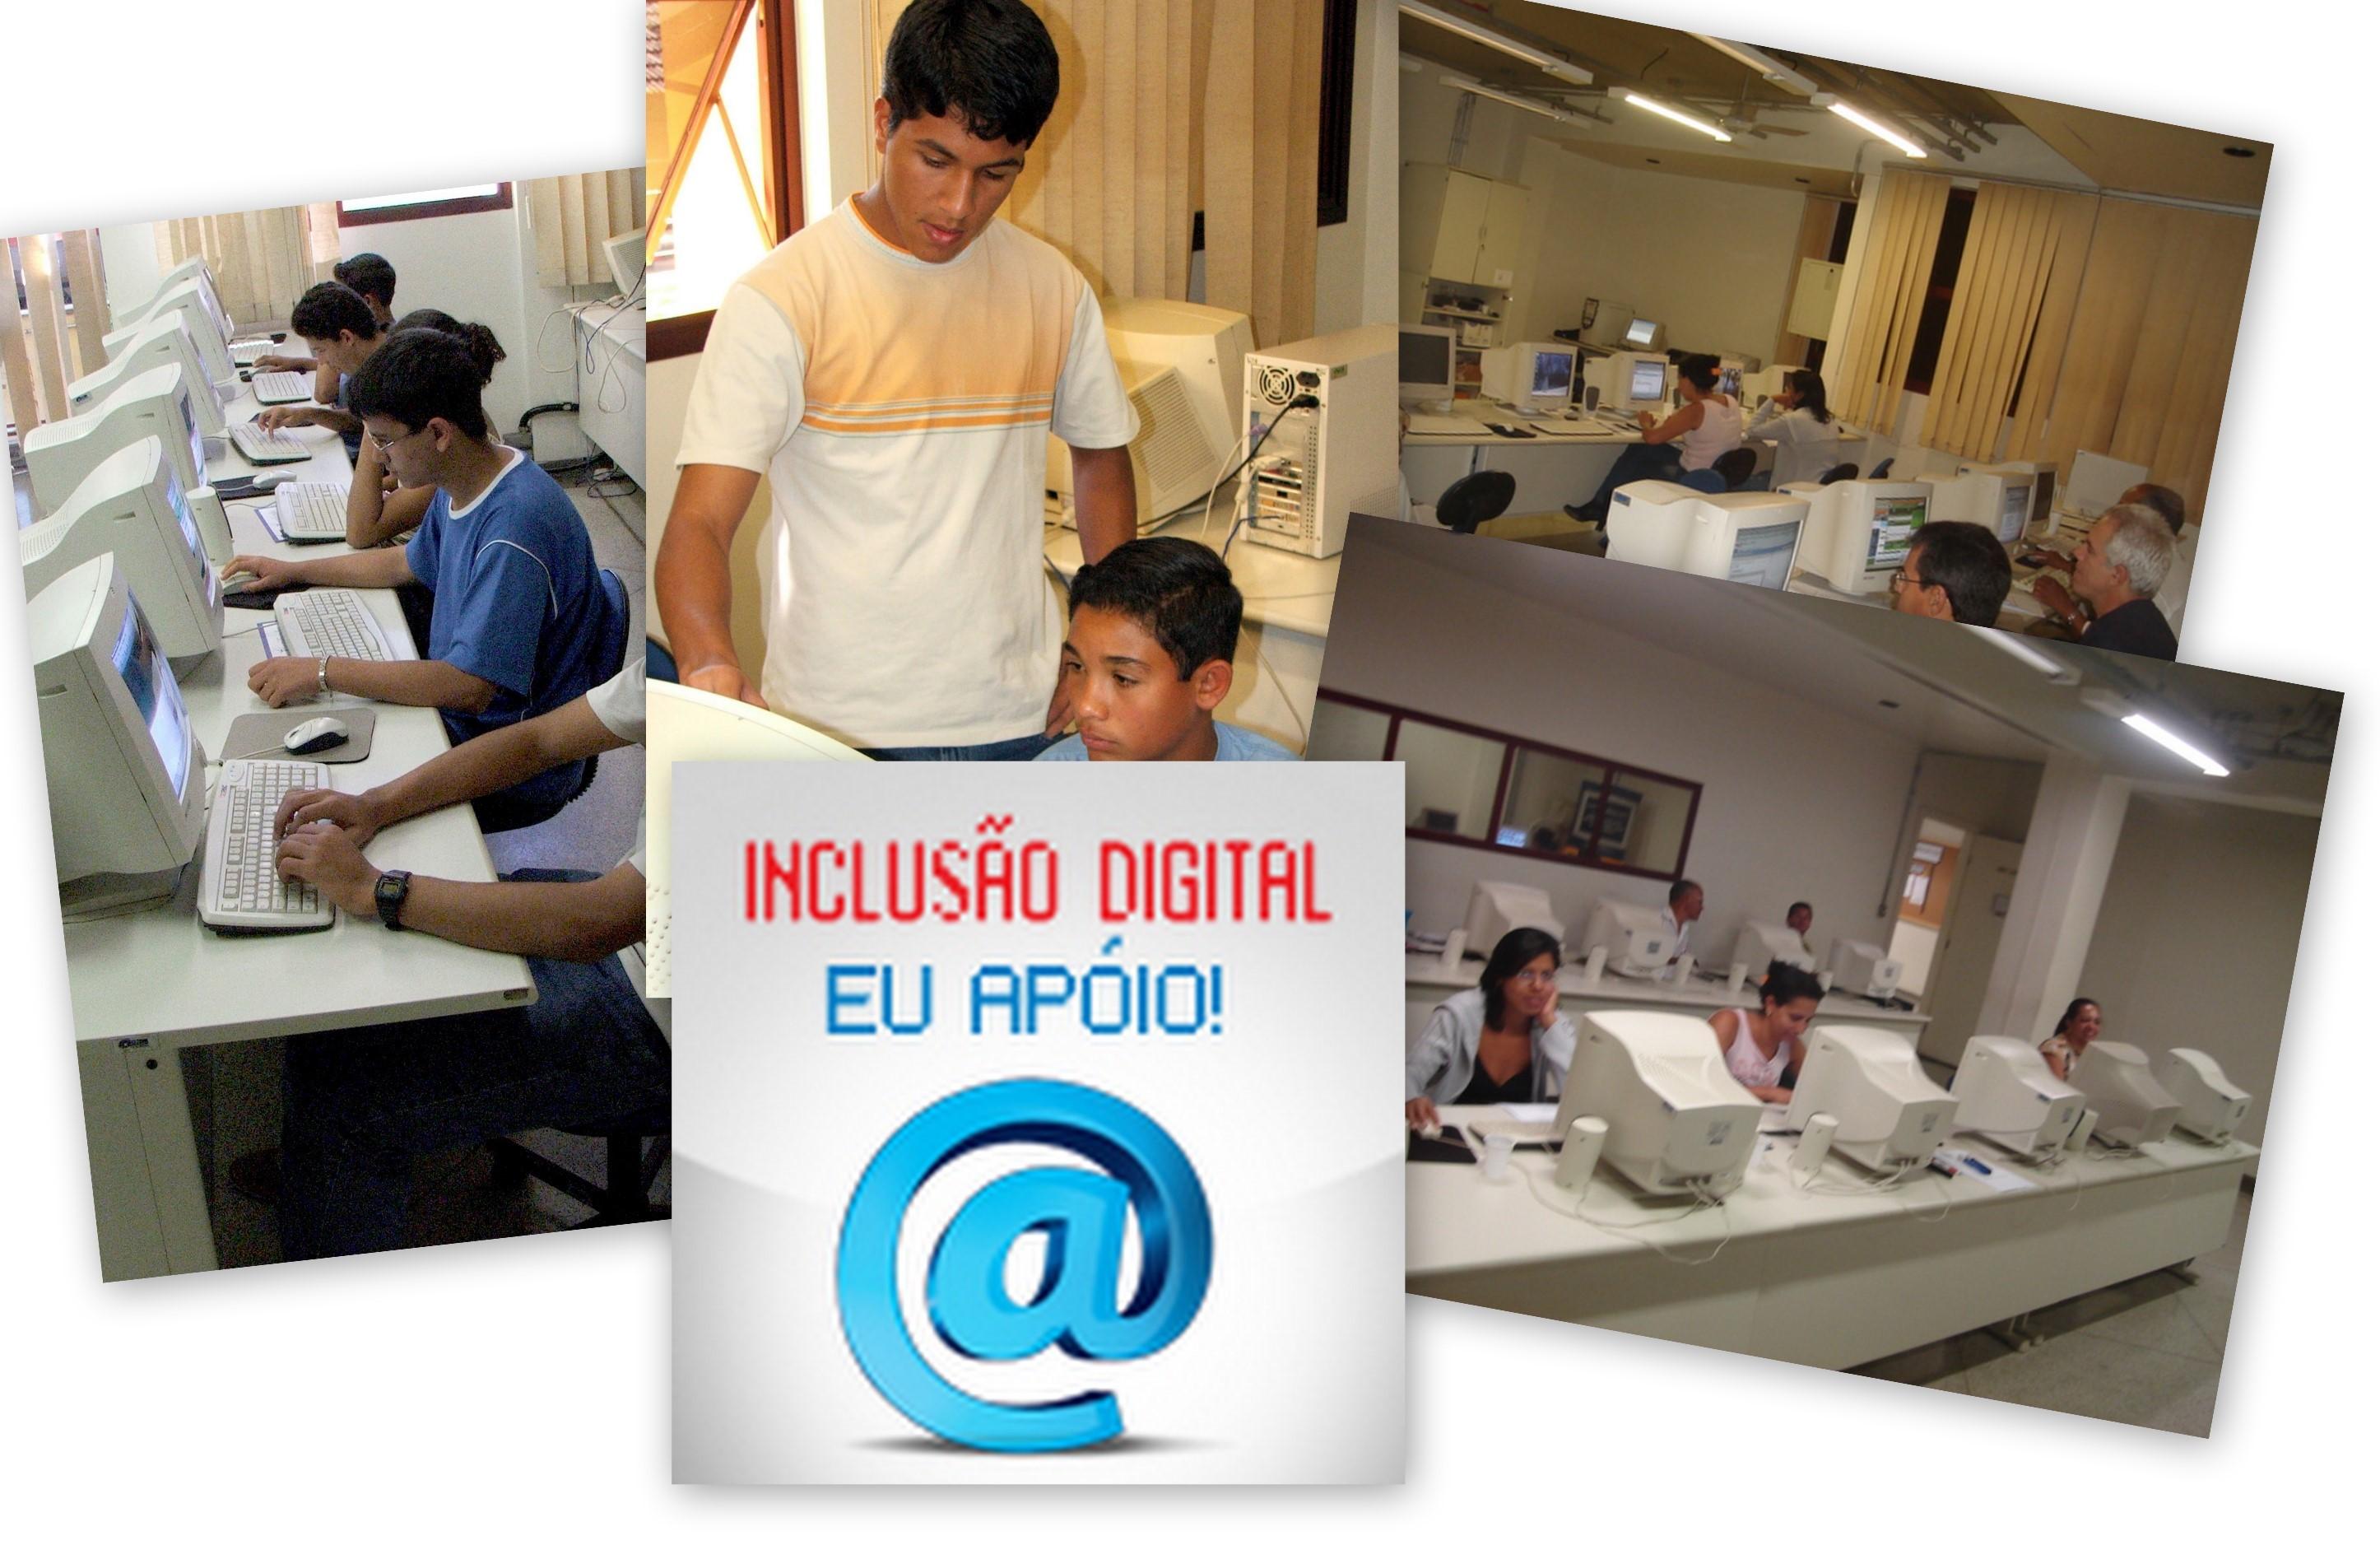 Inclusão Digital Eu Apóio!